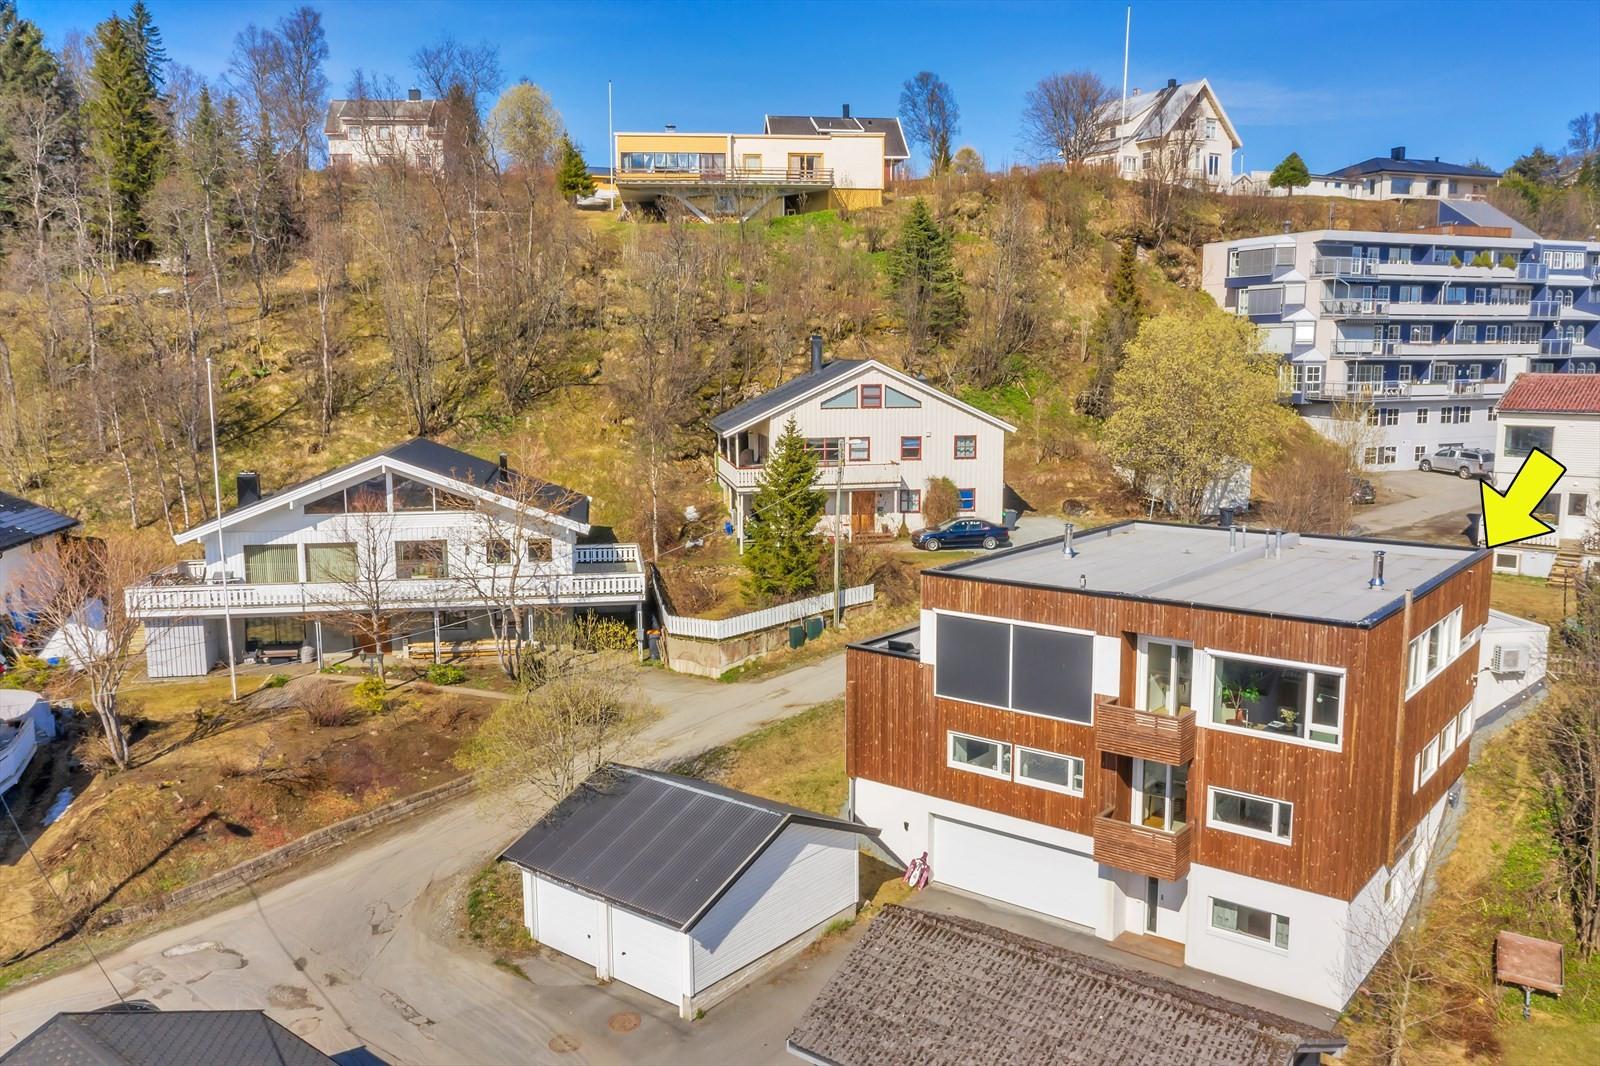 Rektor Qvigsatds Gate 30B er en flott og innholdsrik vertikaldelt bolig øvre del av Tromsø sentrum